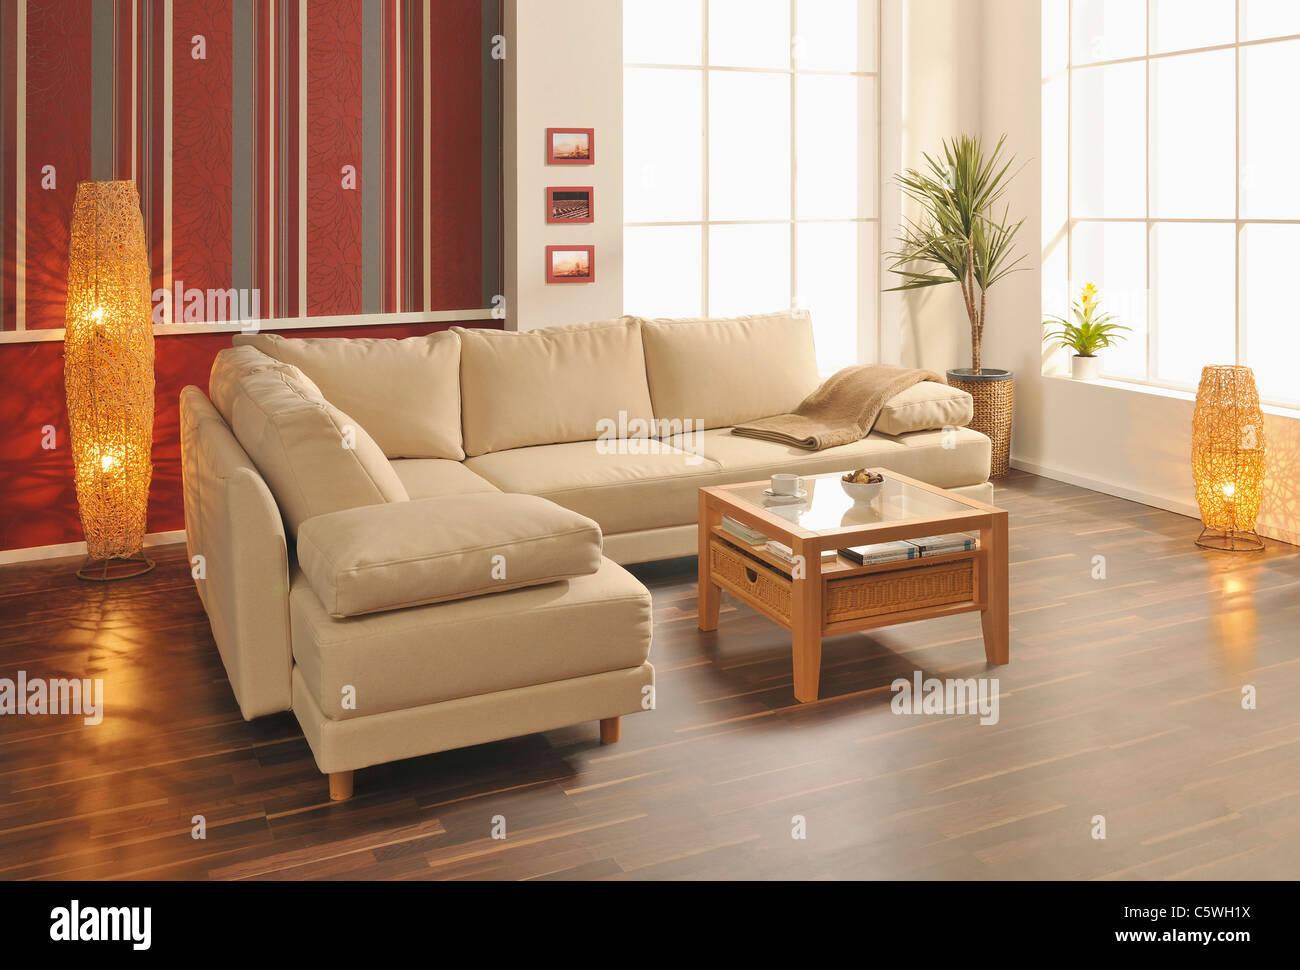 Modernes Wohnzimmer mit Holzboden Stockbild